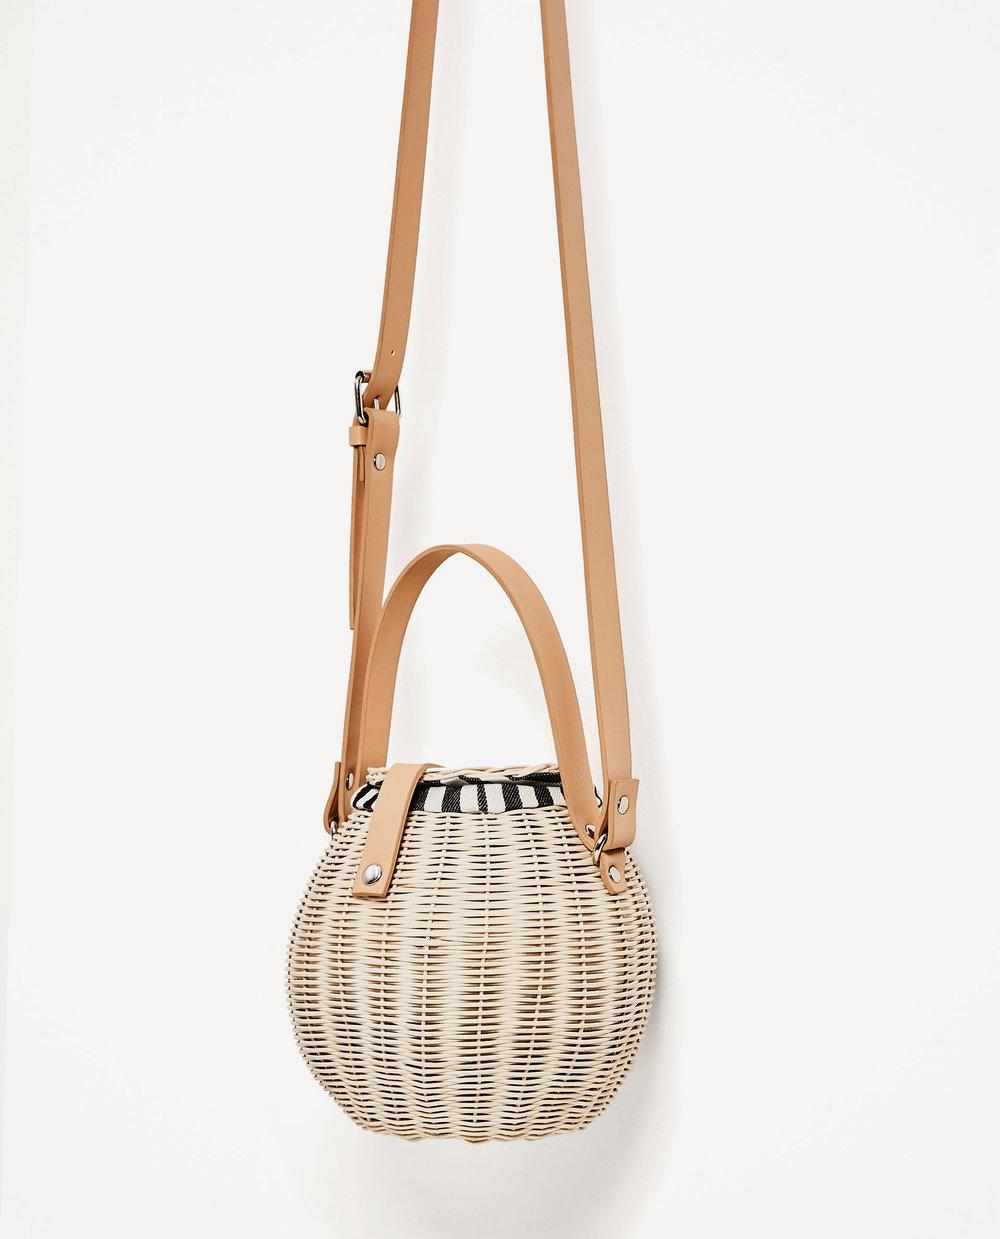 Nu te sfatuiesc sa urmezi orbeste trendurile de sezon, dar geanta din rafie este mai mult decat un trend. Eu m-am indragostit  de acest model  de la Zara. Poarta-l cu espadrile si voie buna.